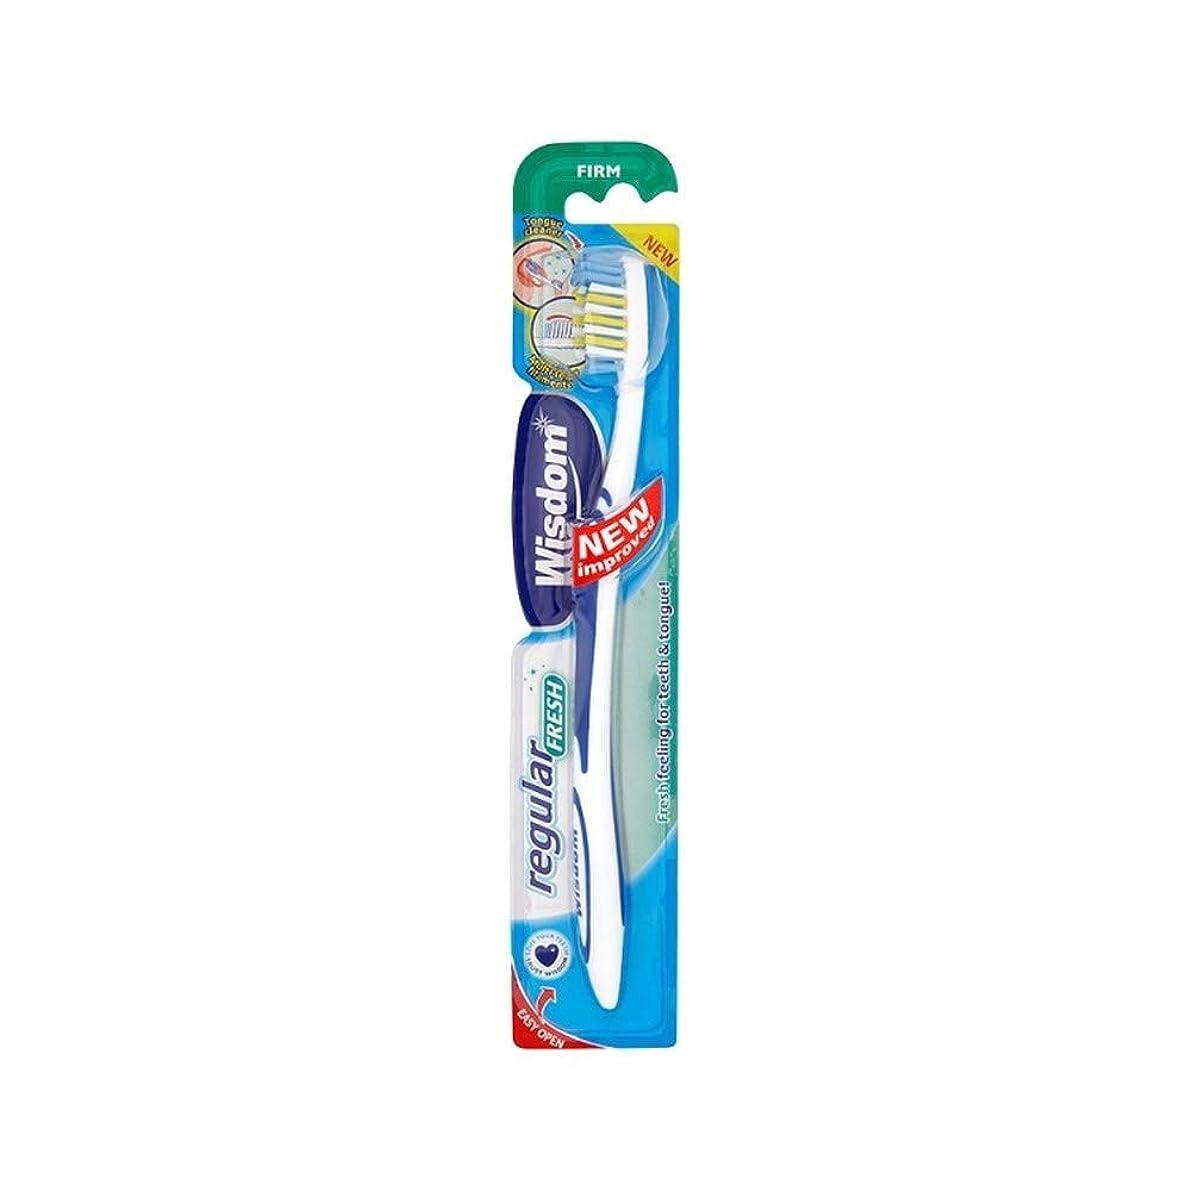 死んでいるモジュール努力[Wisdom ] 12の知恵定期的に新鮮しっかり歯ブラシパック - Wisdom Regular Fresh Firm Toothbrush Pack of 12 [並行輸入品]